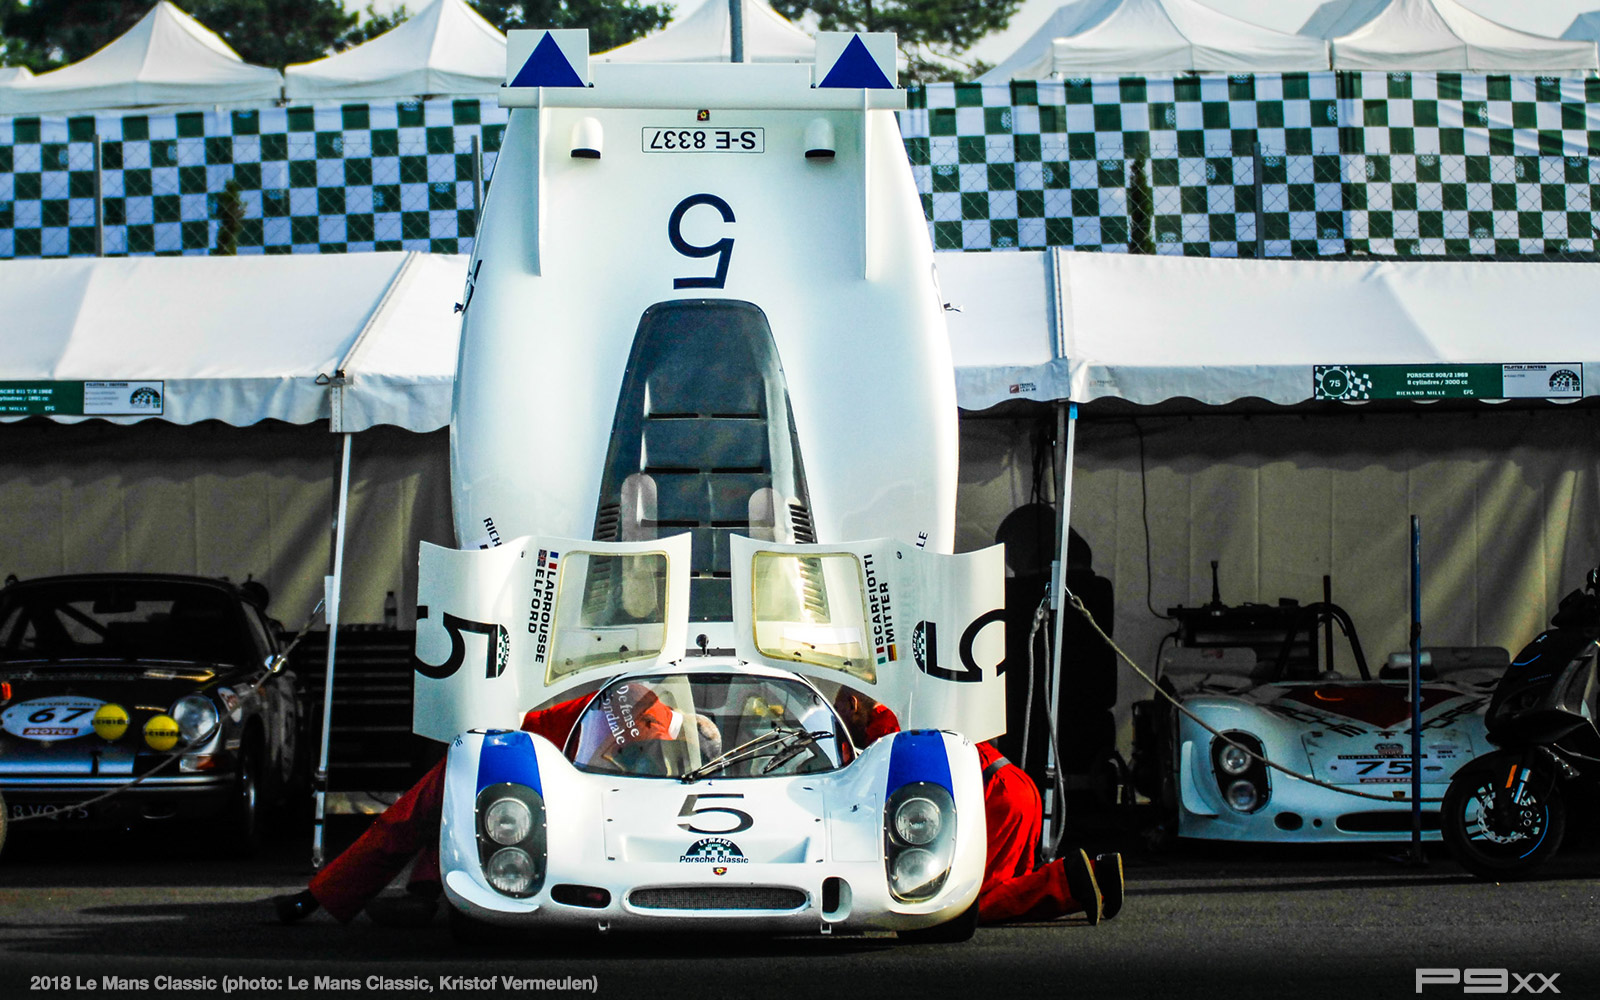 2018-Le-Mans-Classic-Porsche-329